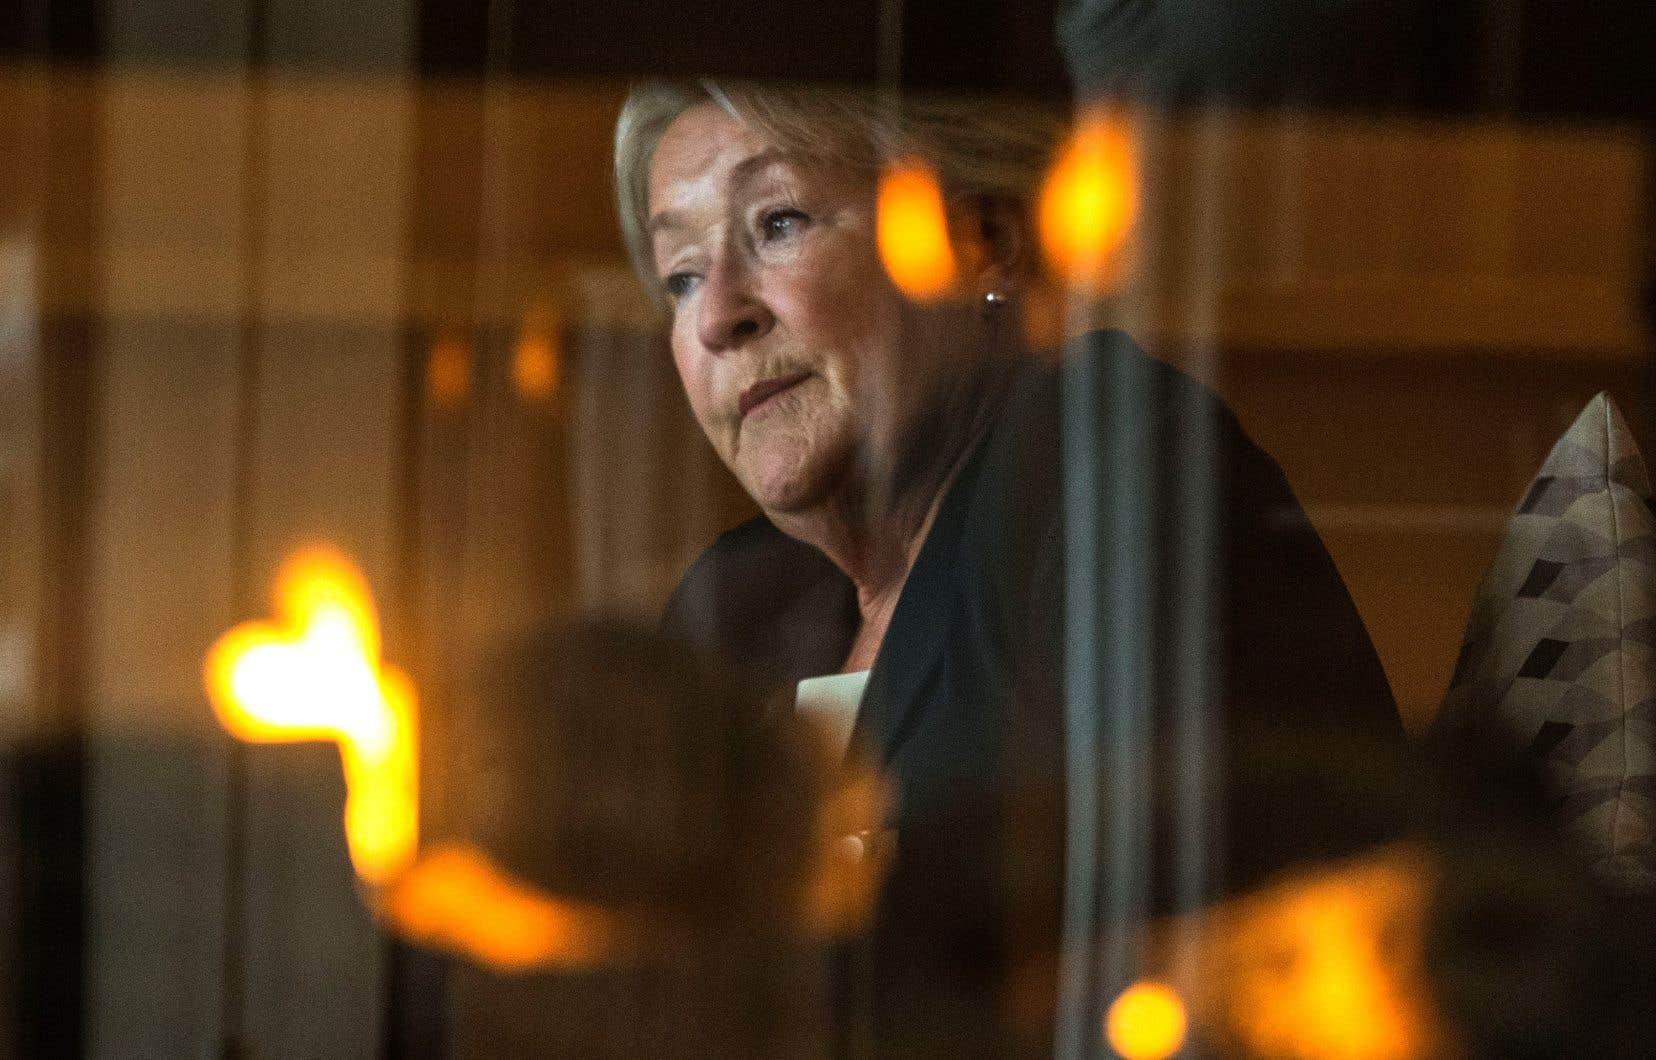 Pauline Marois demeure une fière membre du PQ pour qui l'indépendance du Québec est toujours «nécessaire». «Ça peut être un peu long, mais il faut garder espoir», insiste-t-elle.